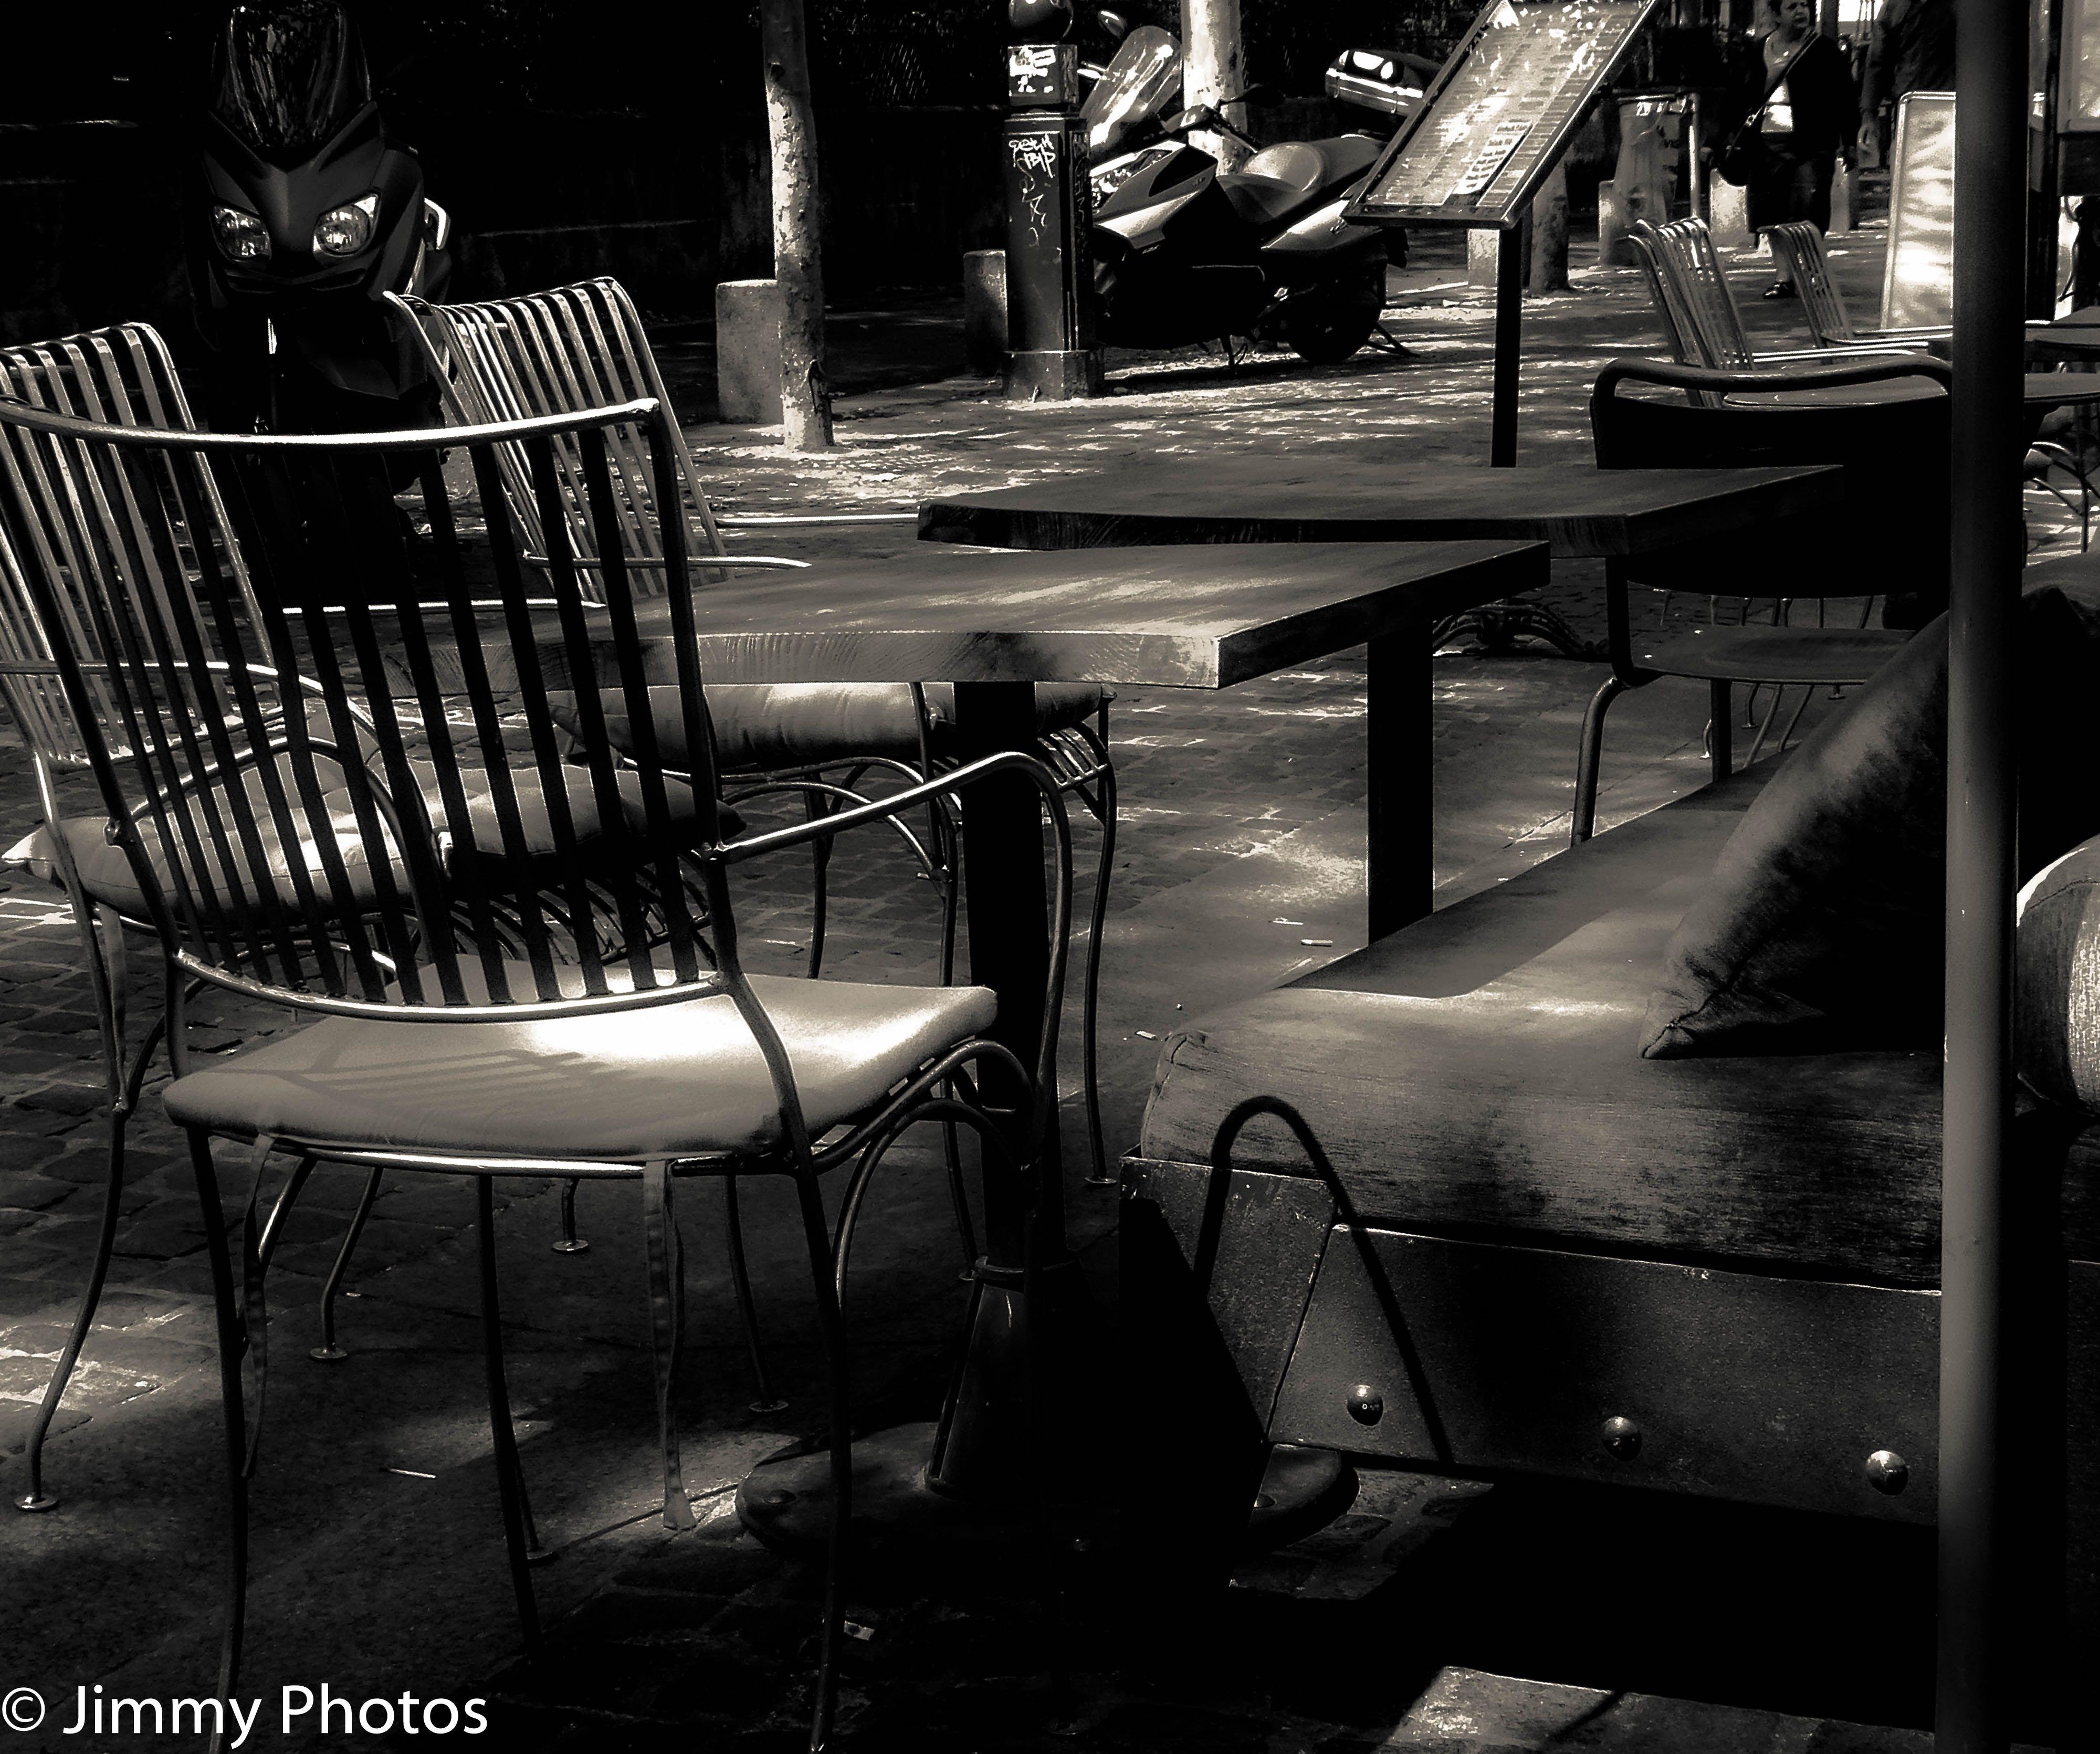 Version noir et blanc : #Paris - Terrasse de café -- #Bar #